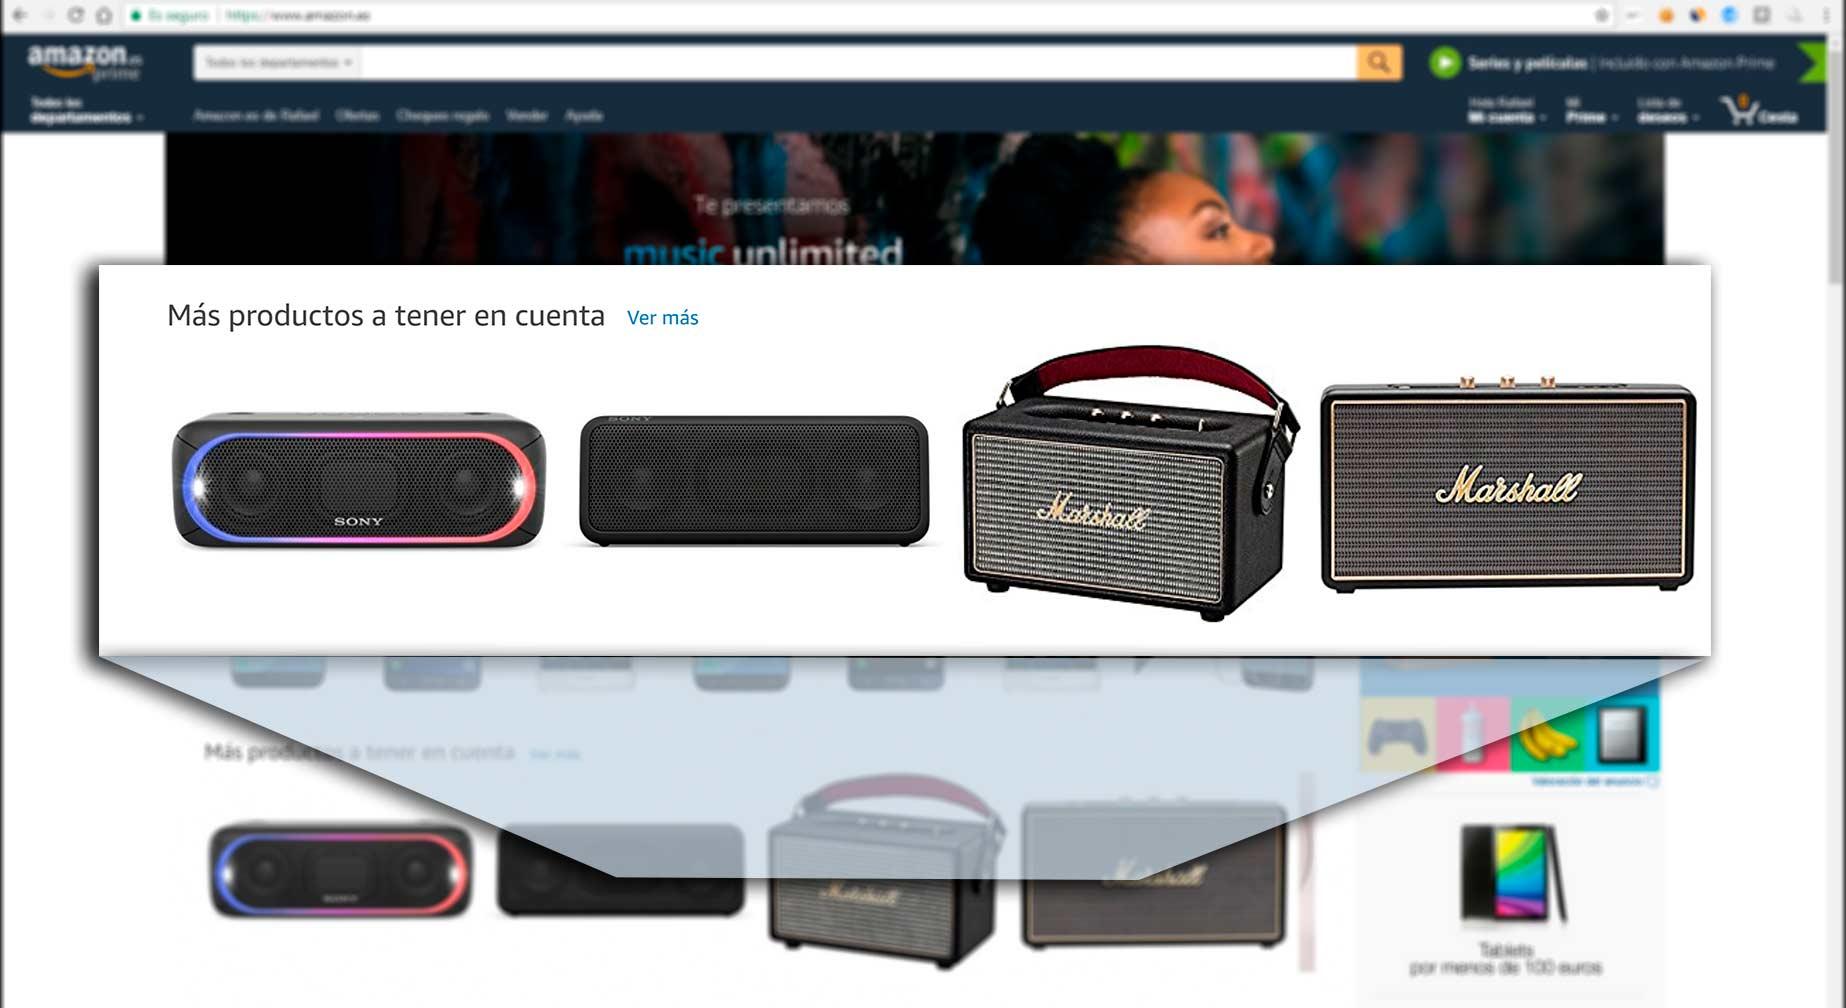 productos sugeridos personalizados por amazon